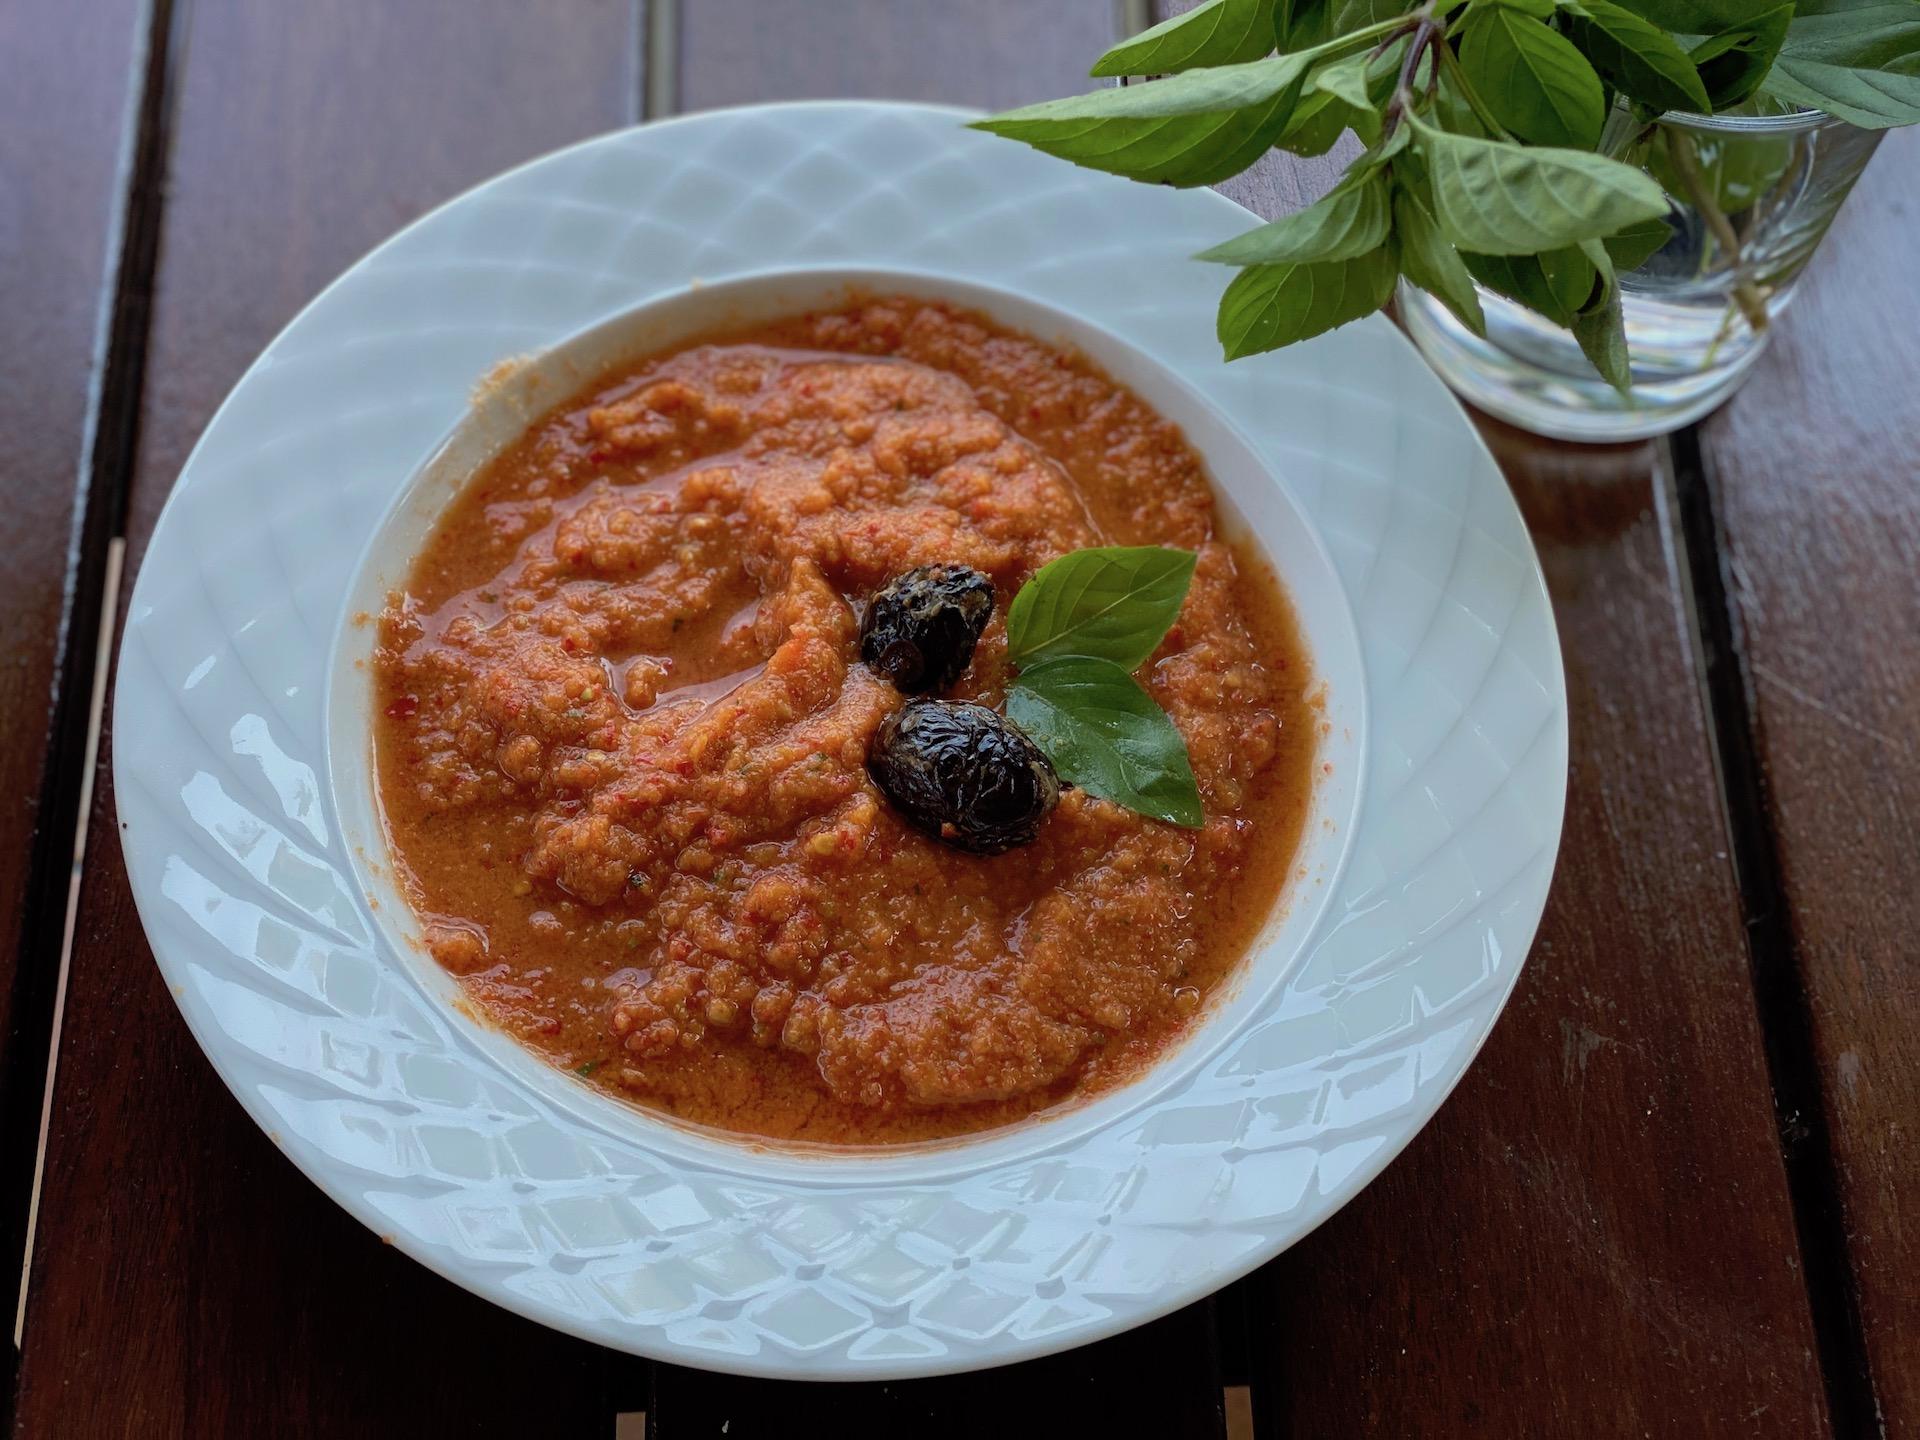 σούπα λαχανικών σε πιάτο